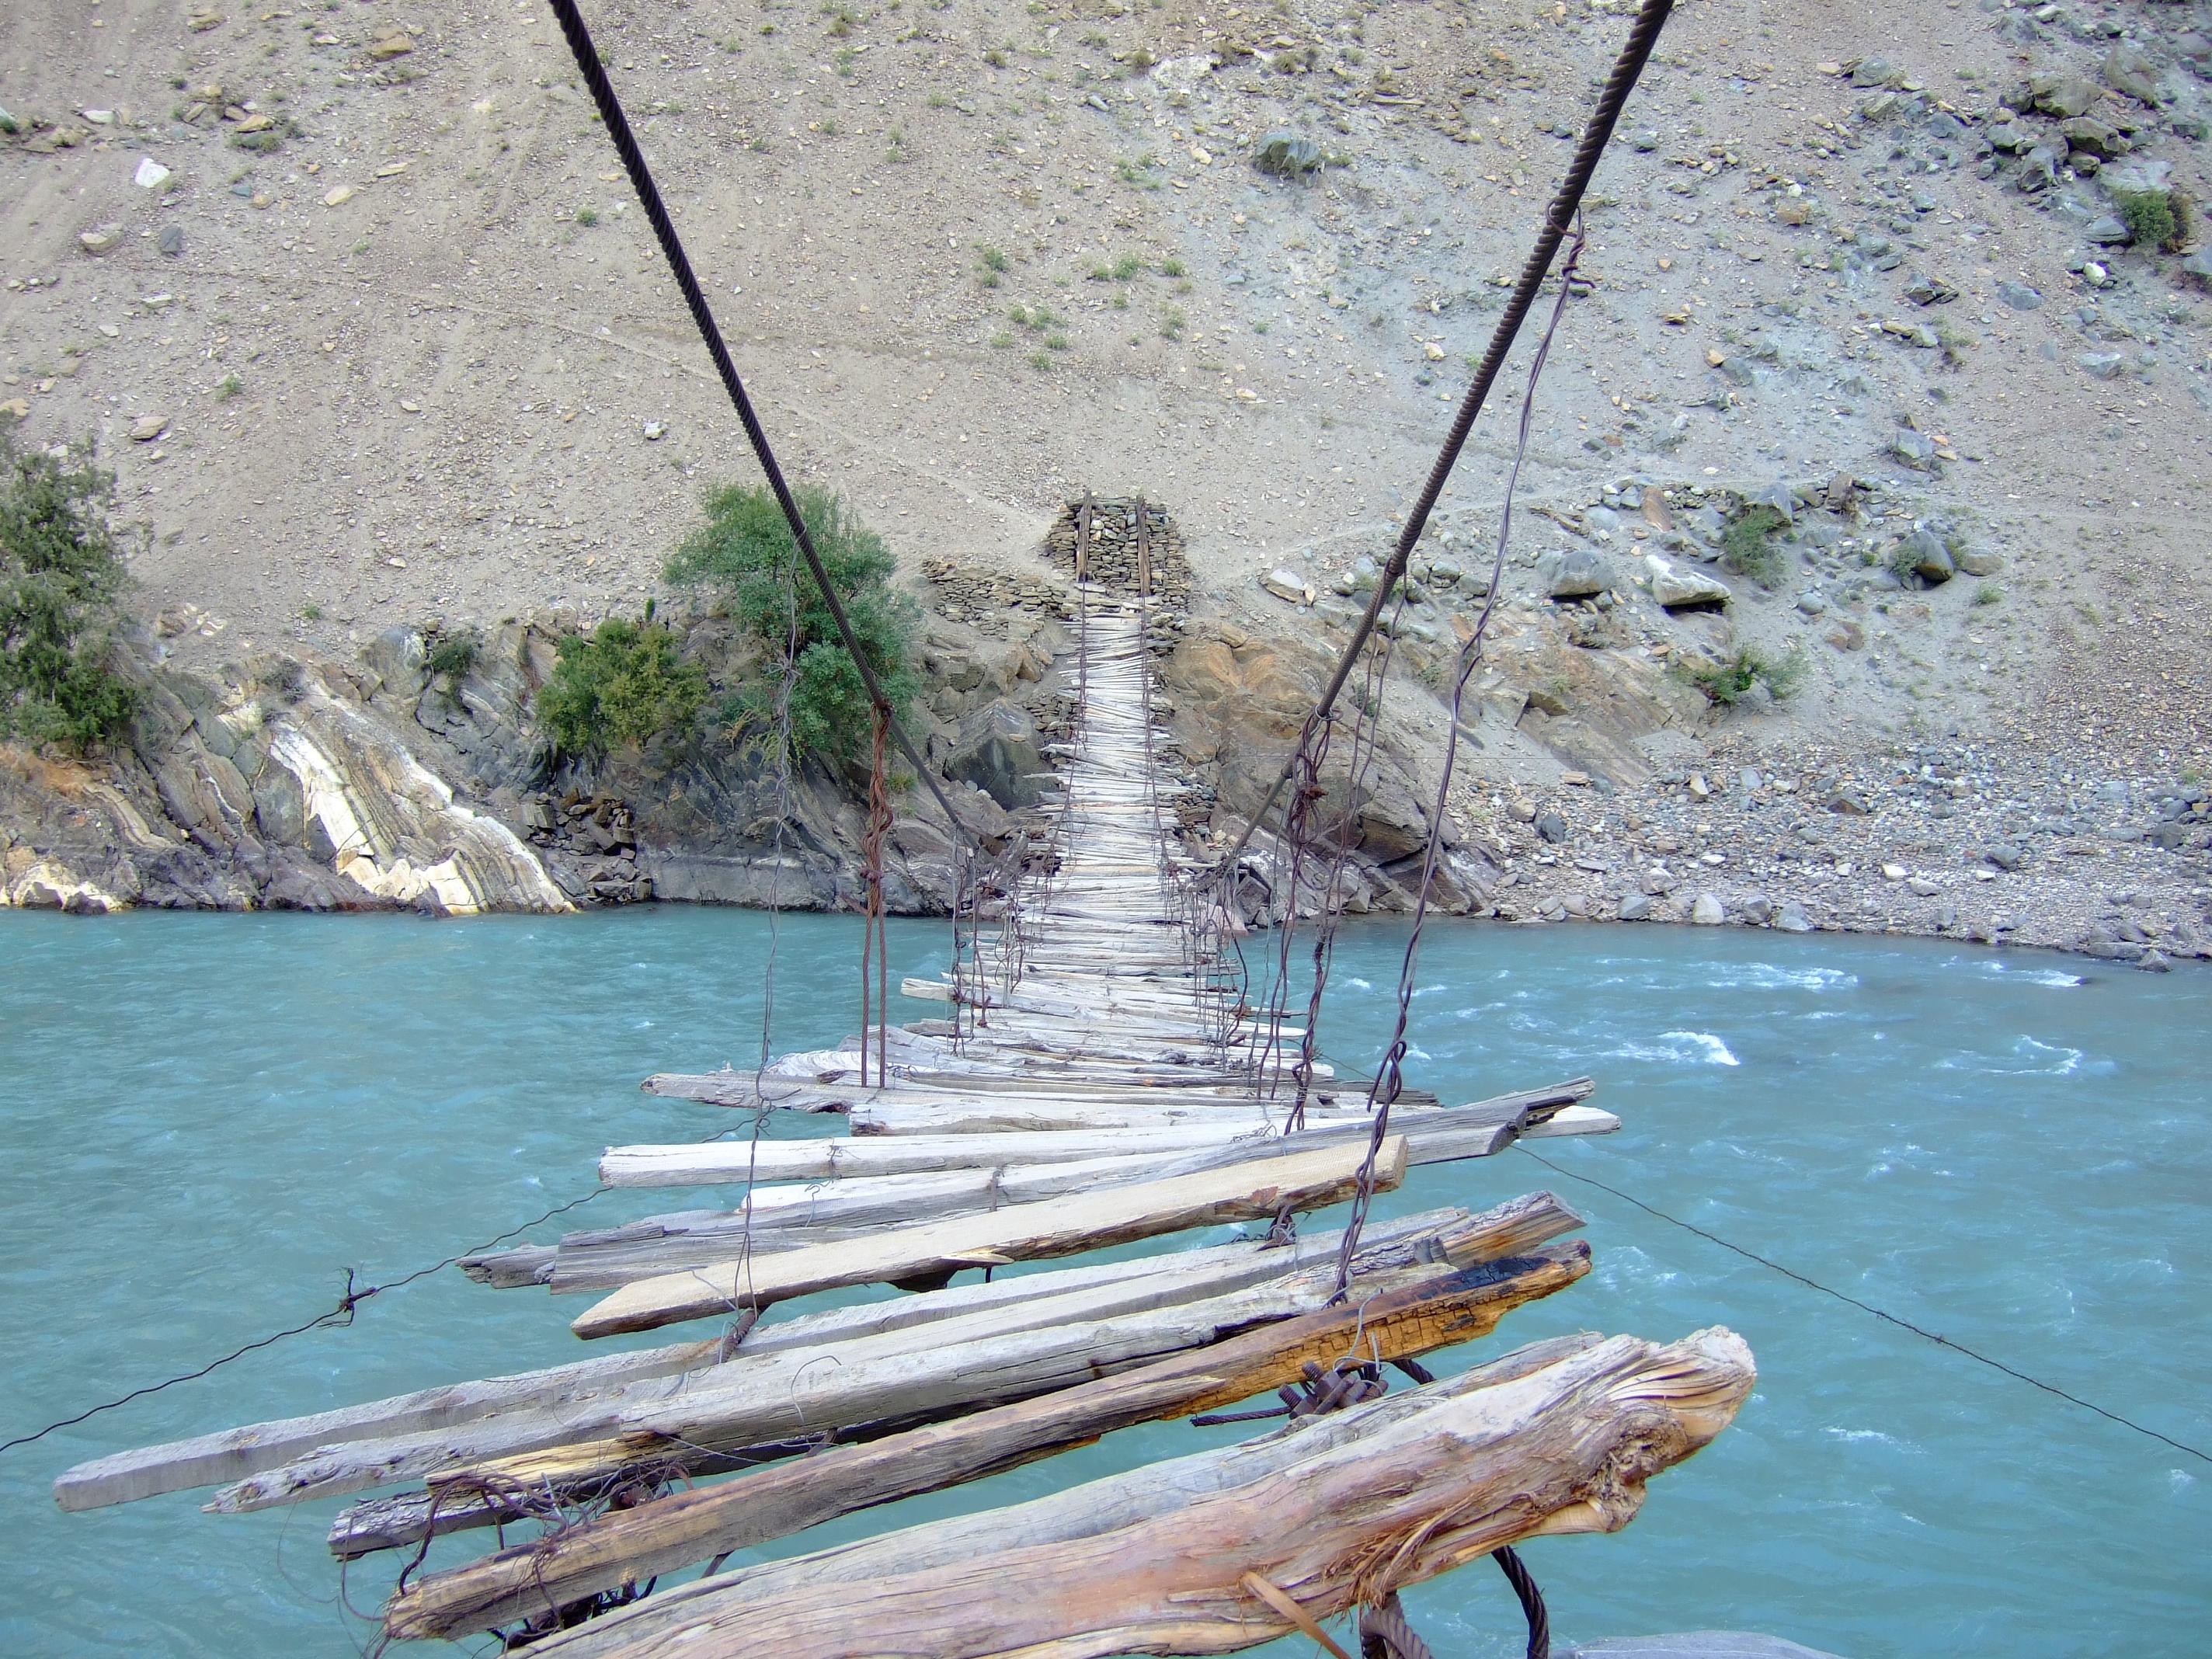 Primitive suspension bridge over the River Astore